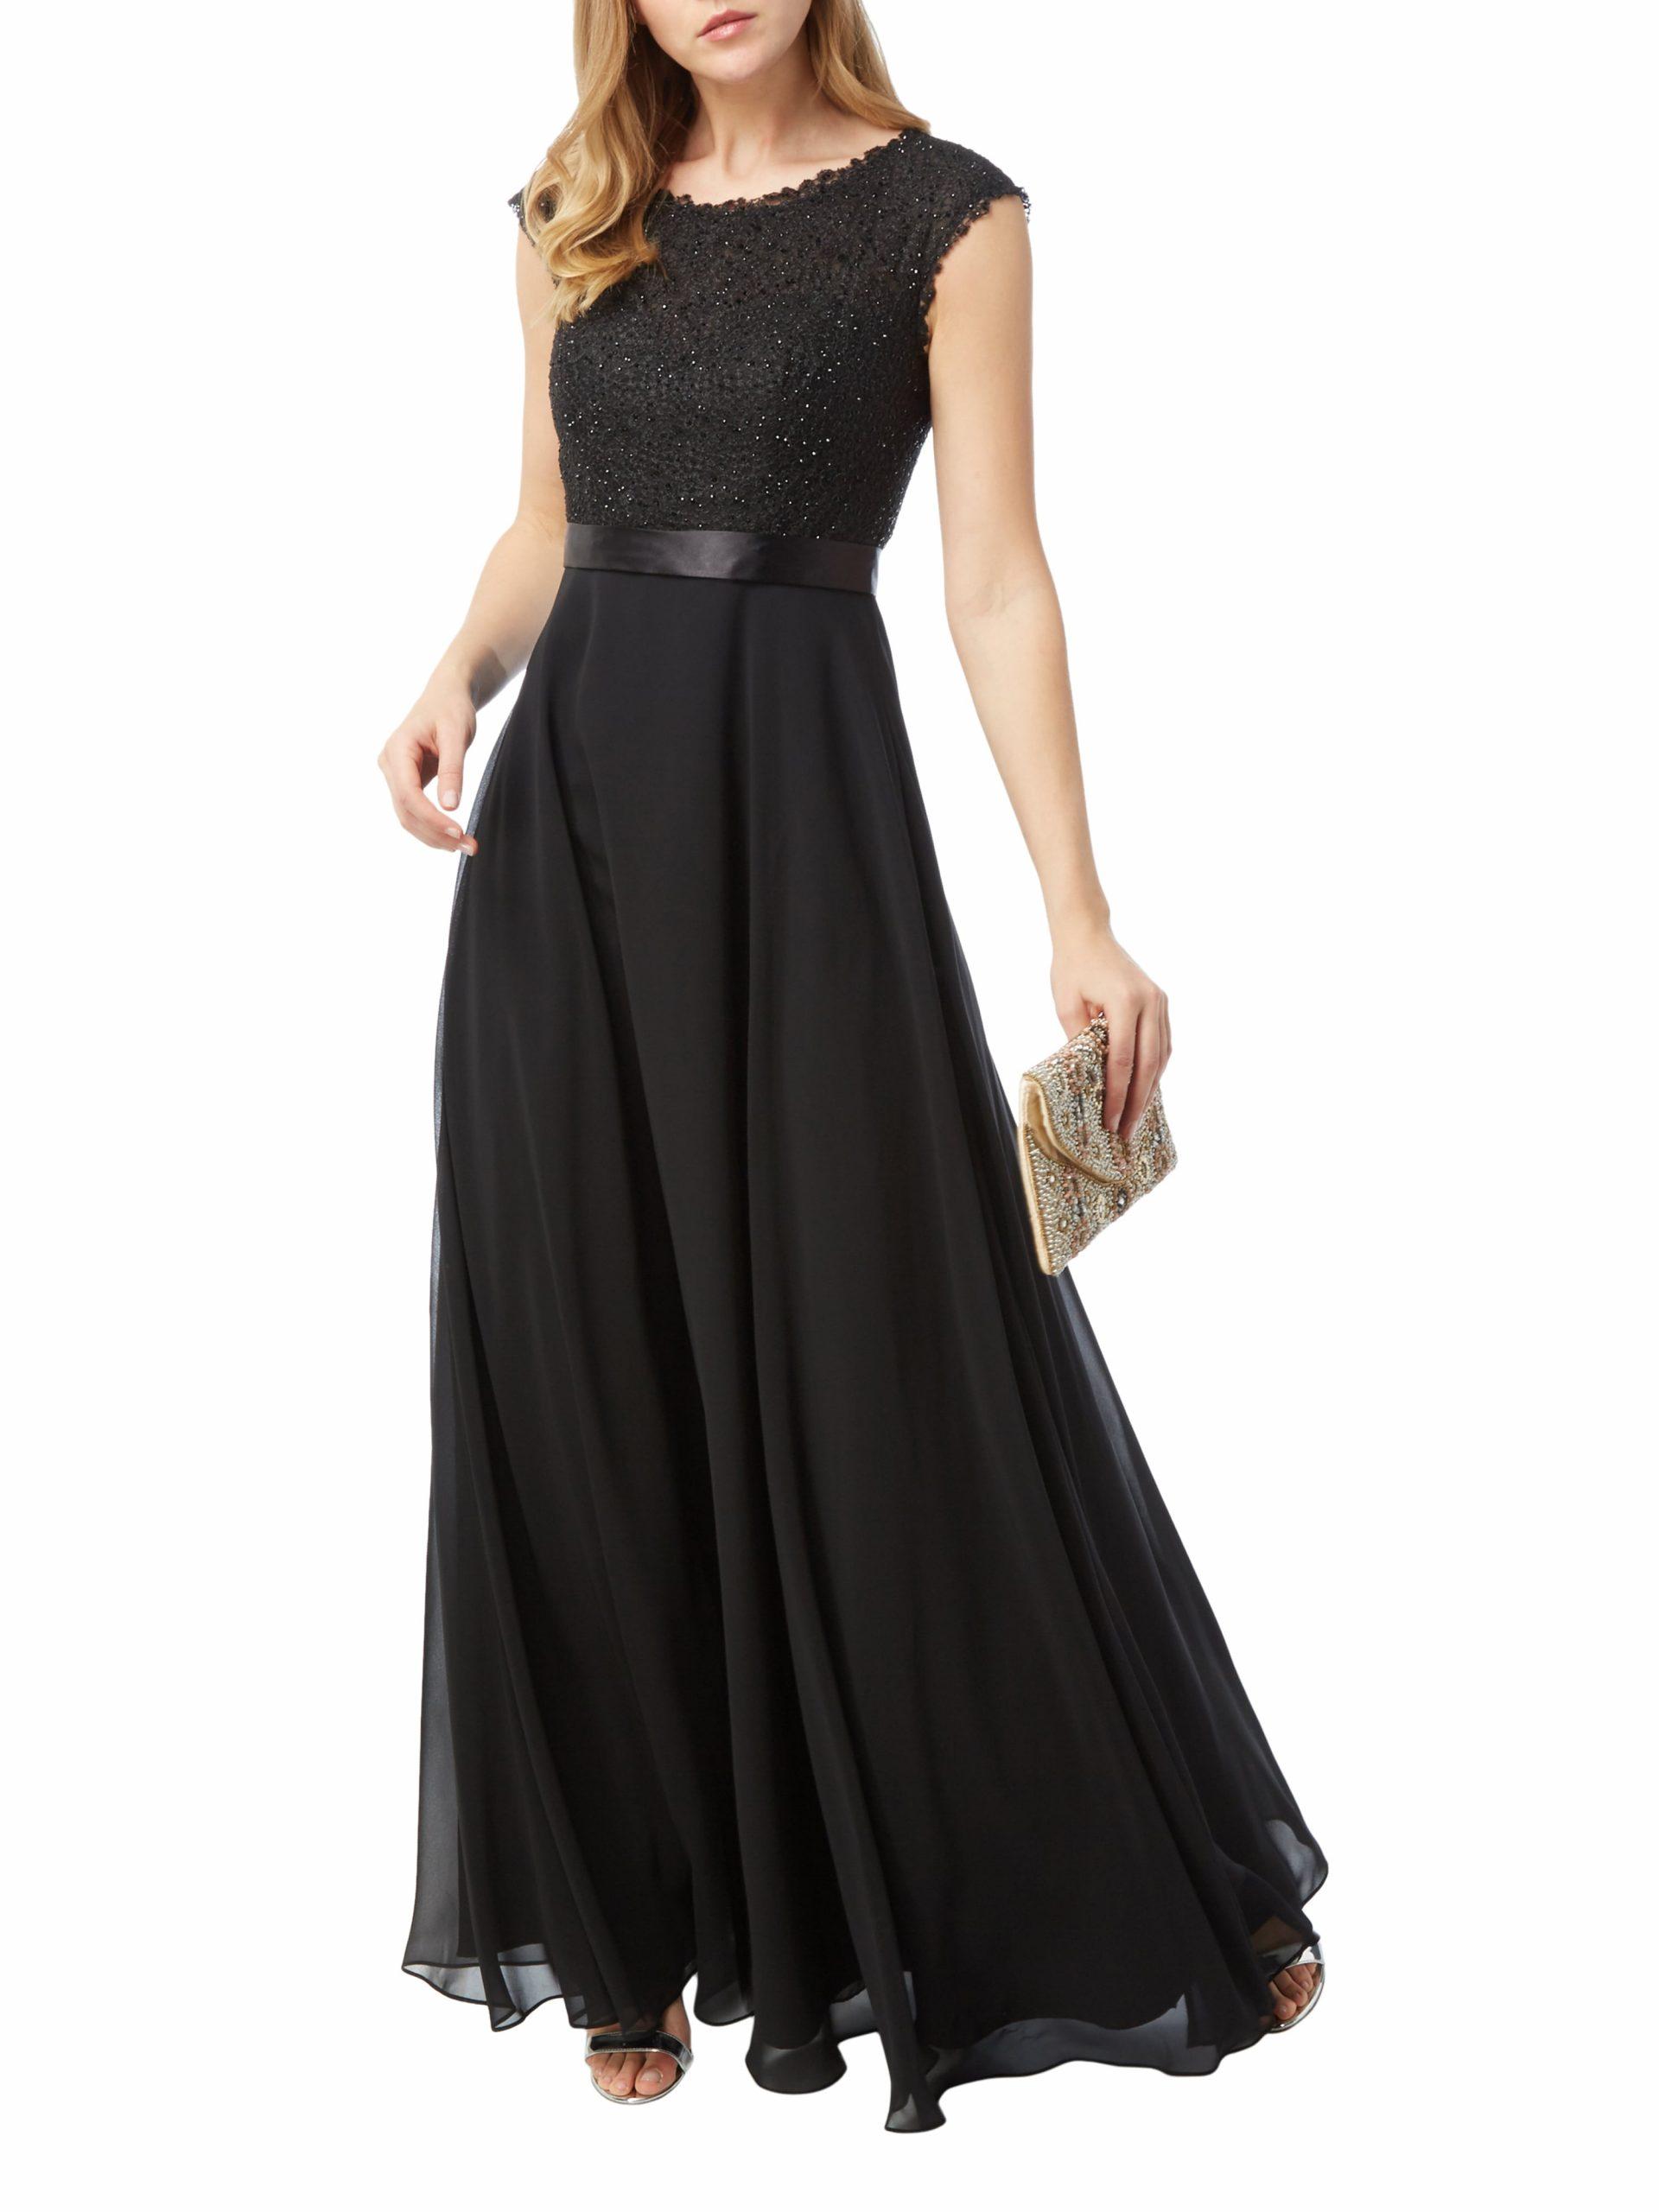 13 Genial Paradi Abendkleid Vertrieb10 Elegant Paradi Abendkleid Bester Preis